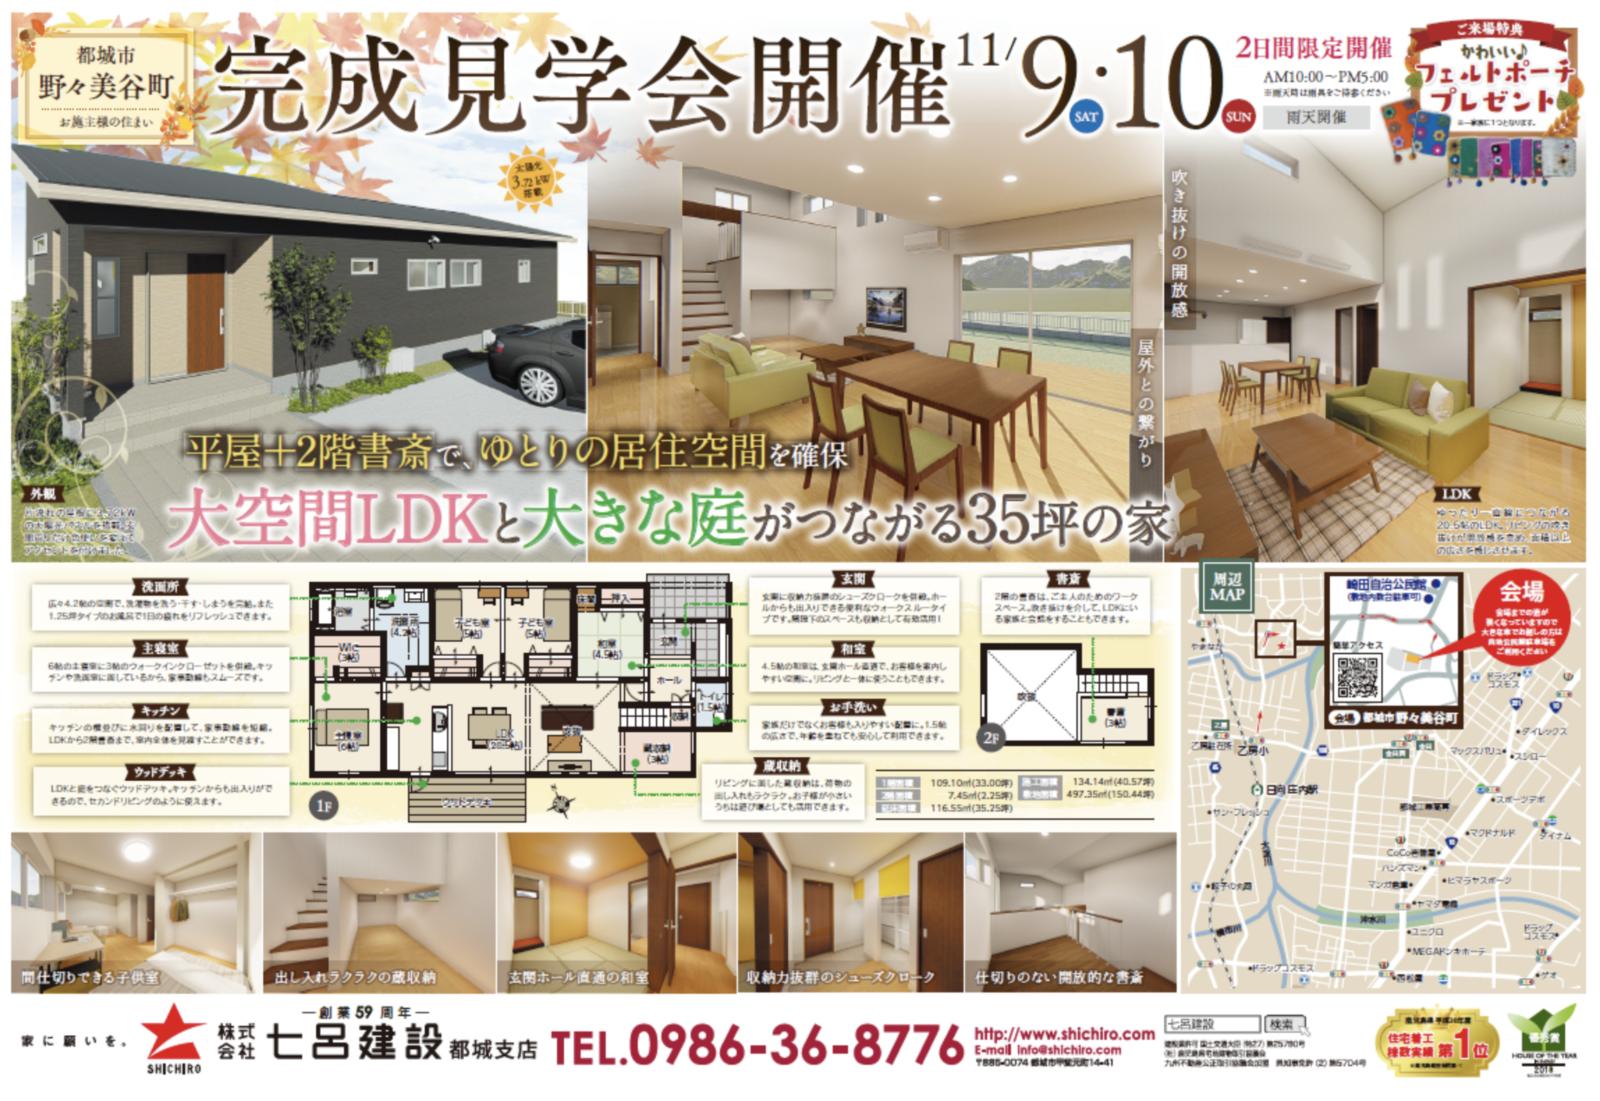 七呂建設 | 平家+2階書斎で、ゆとりの居住空間を確保 大空間LDKと大きな庭がつながる35坪の家 【都城市】